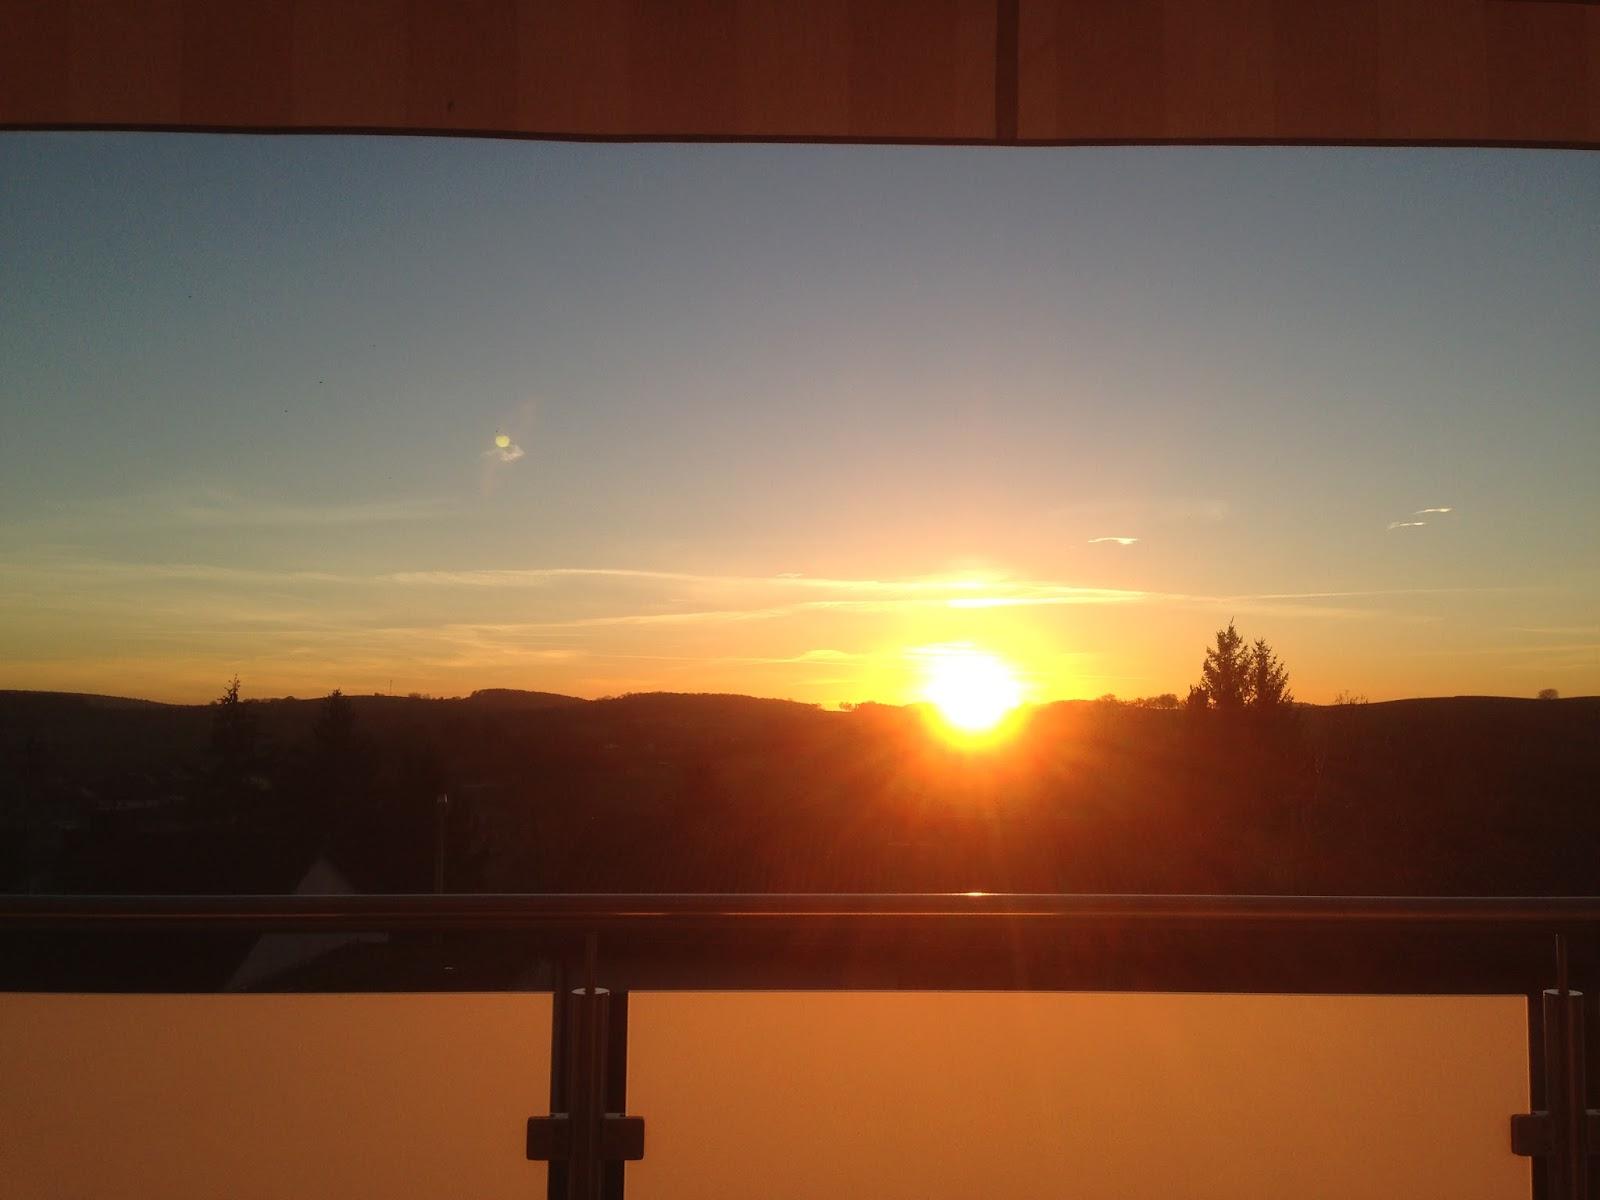 Sonnenuntergang in Hoffenheim von unserem Balkon aus gesehen...